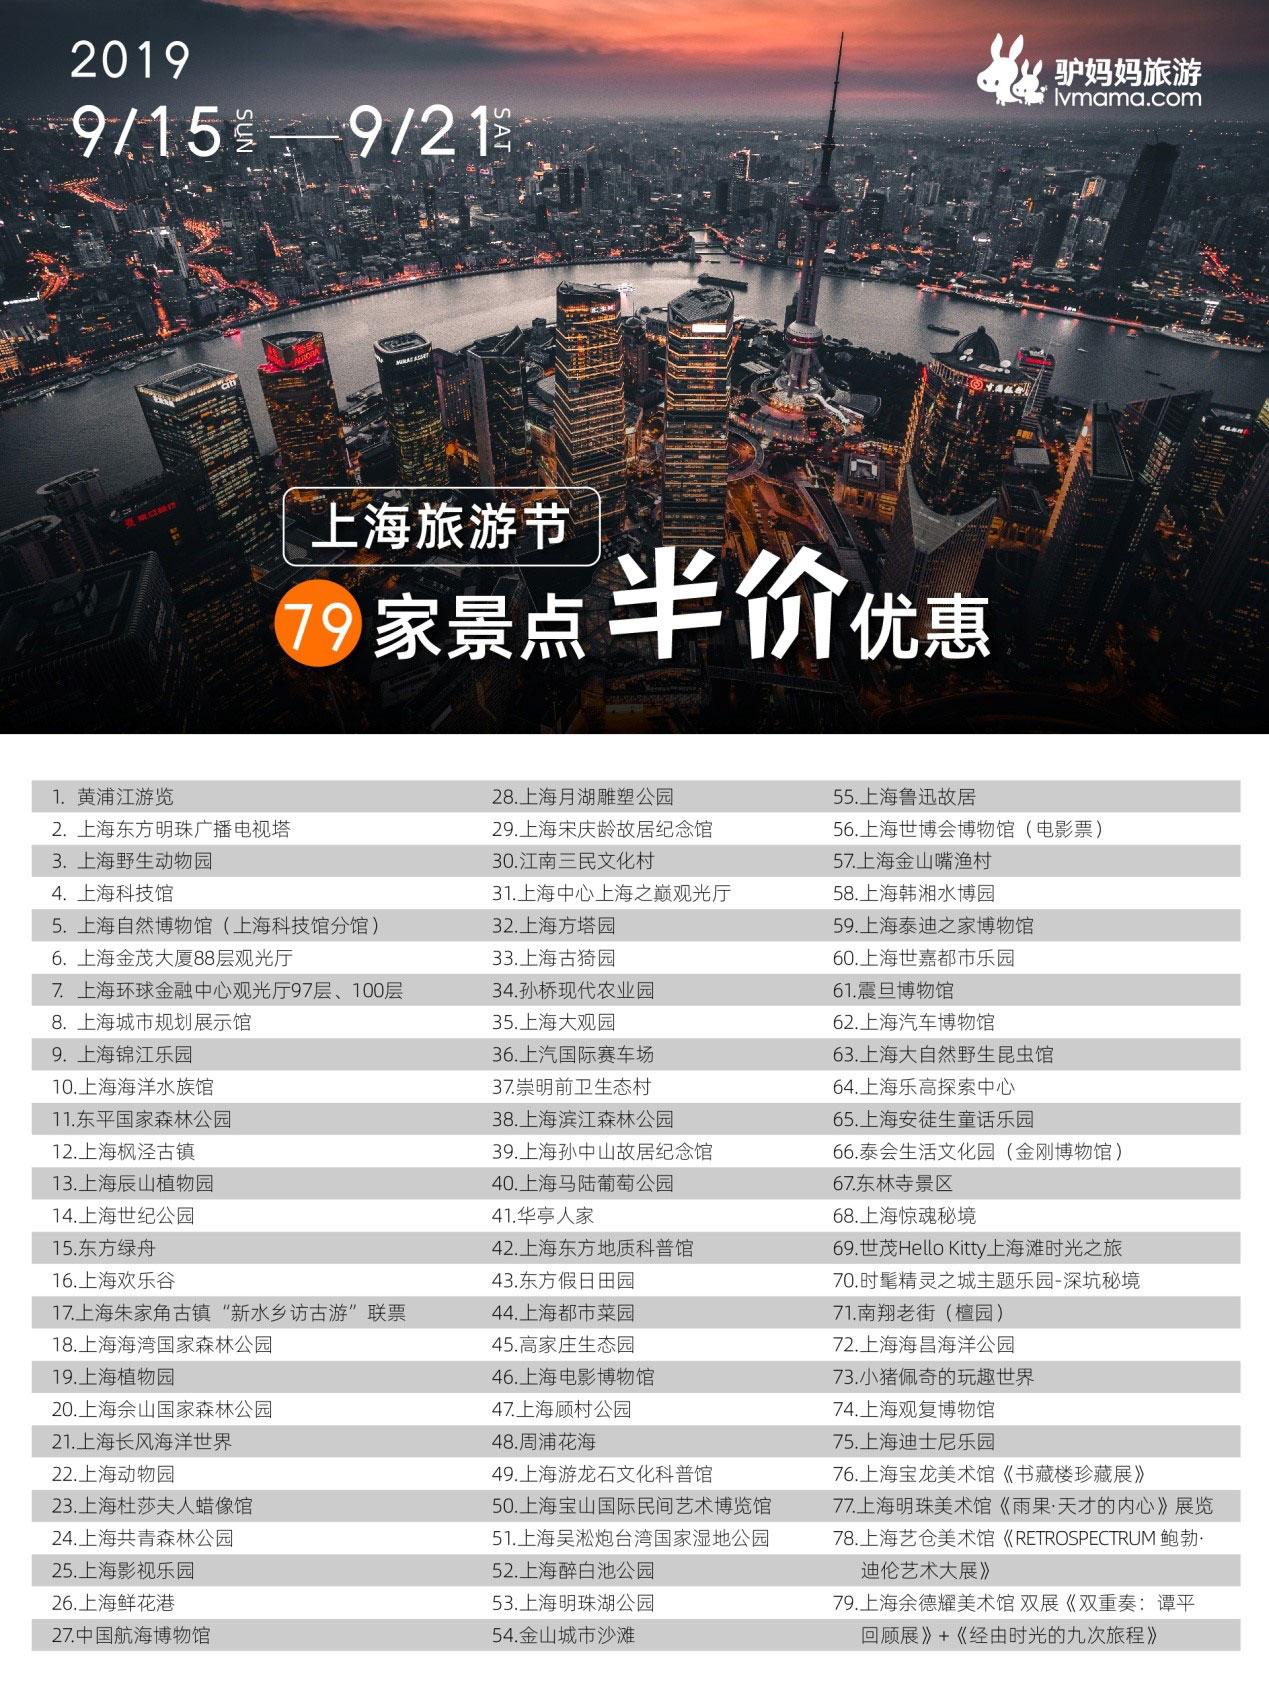 2019上海旅游节:79家景区迎半价福利